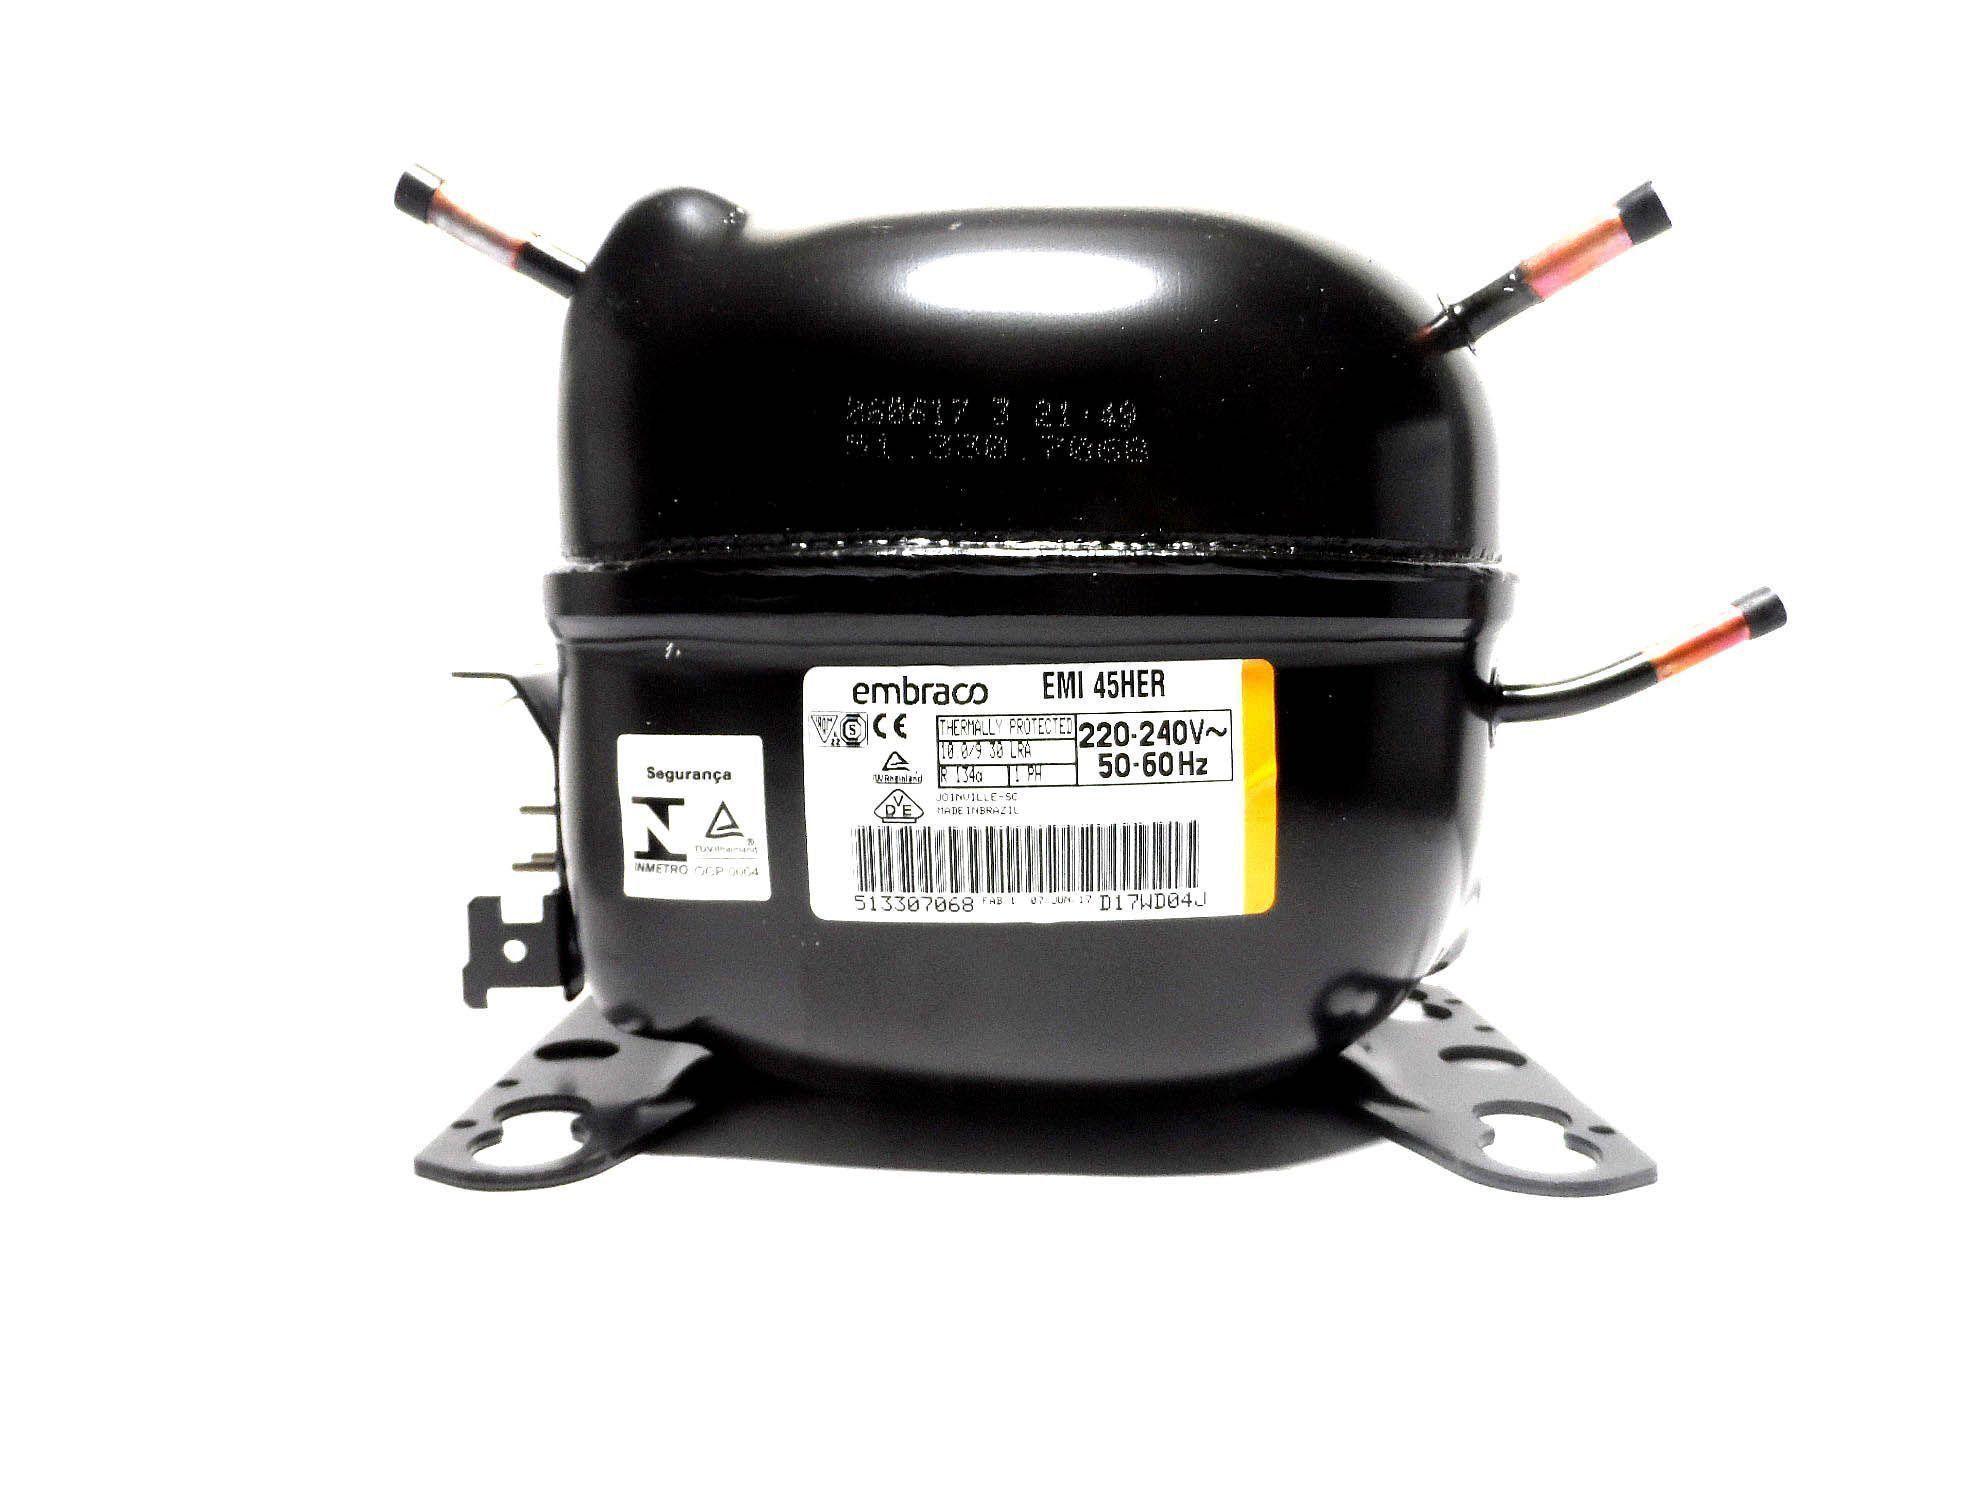 Motor Compressor Embraco 1/8 220V R134A Geladeira  EMI45HER W10393804